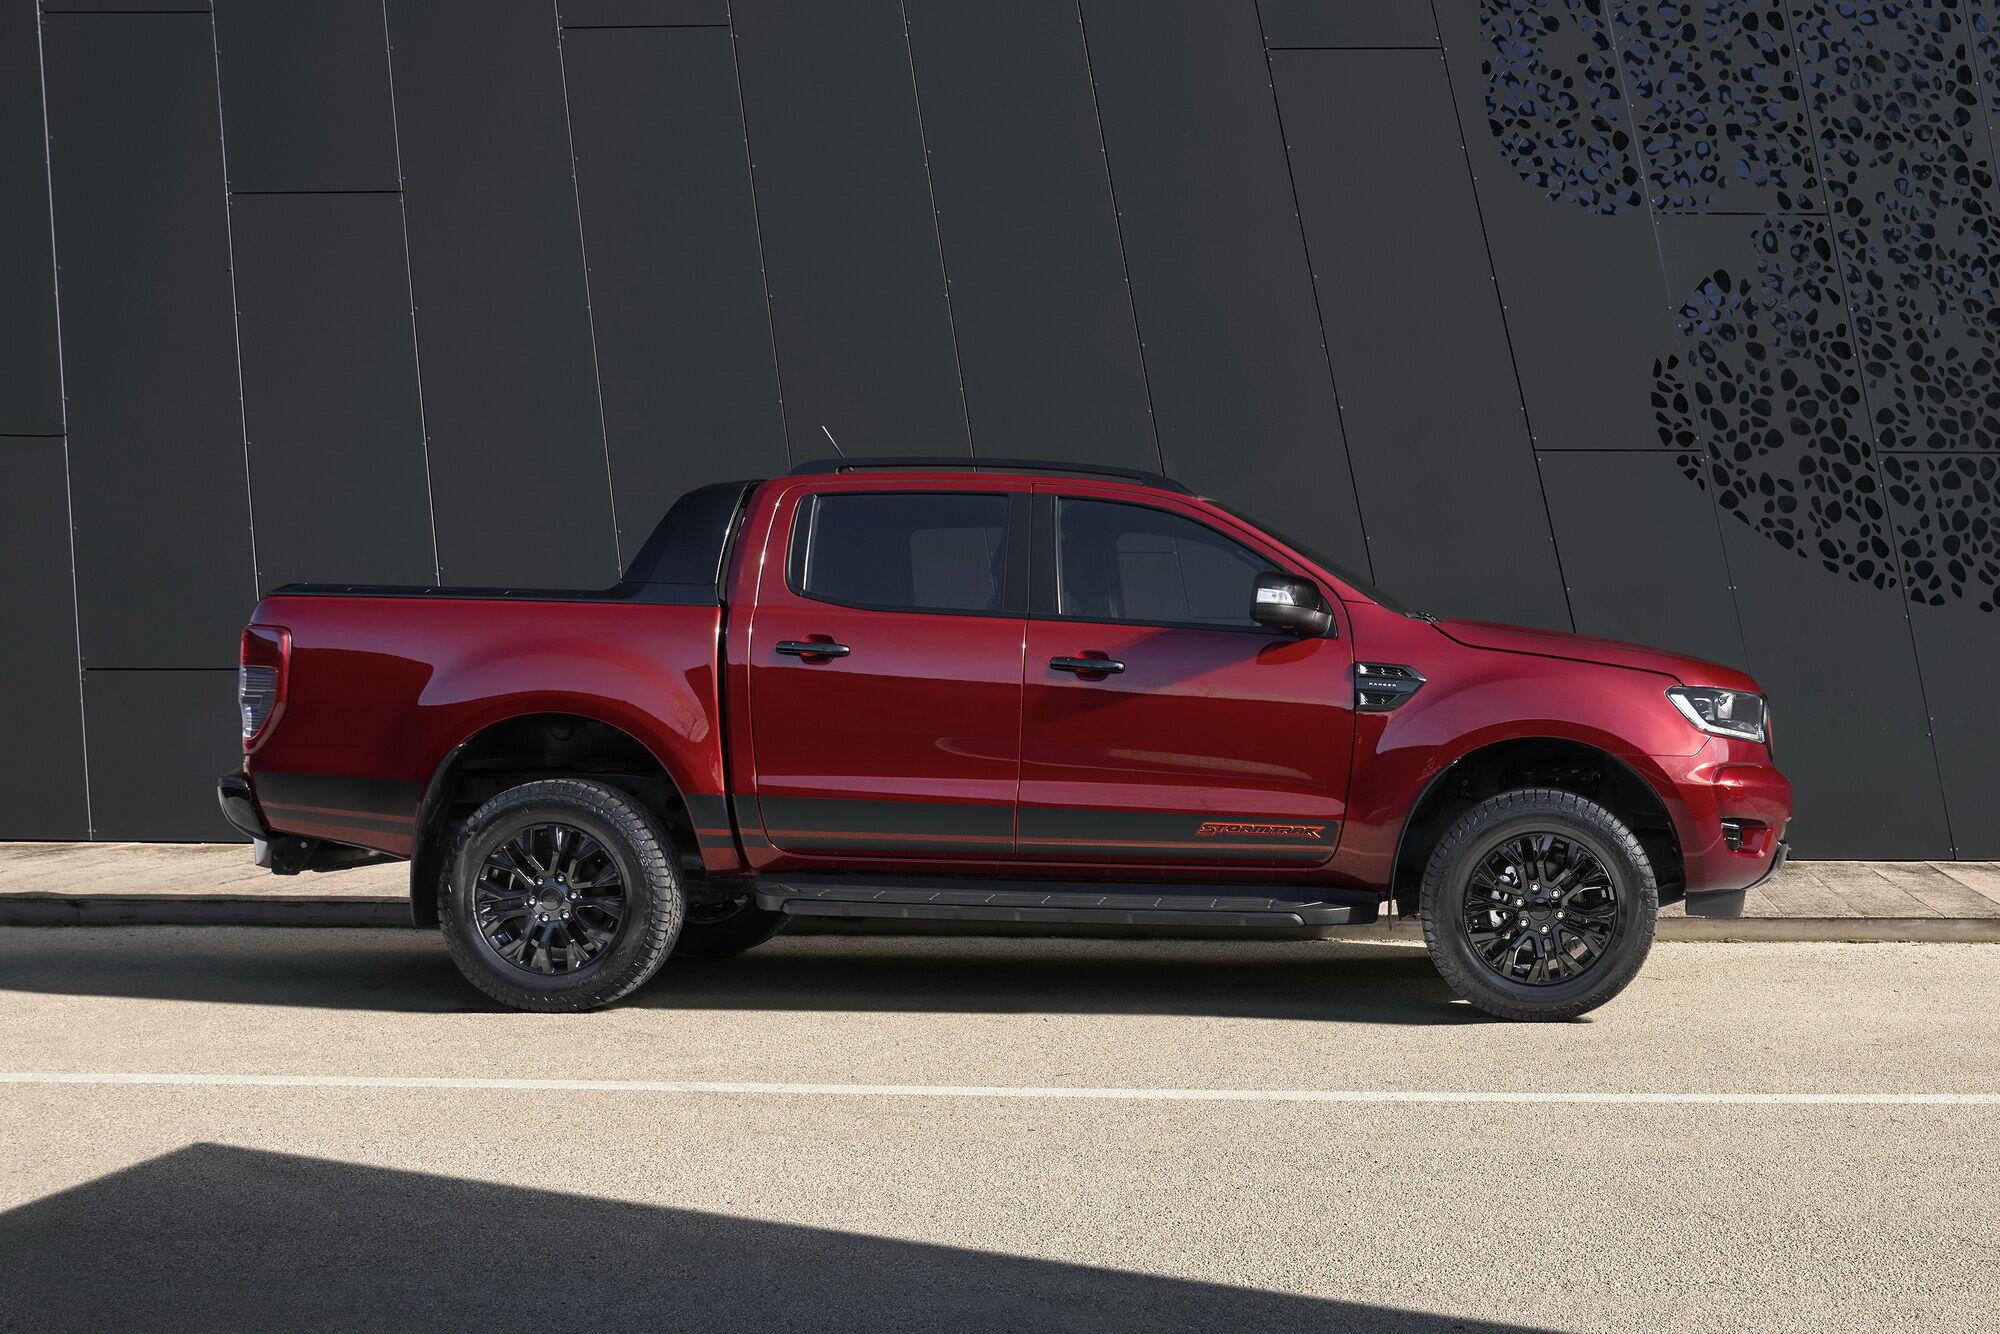 Мощную внешность Ranger Stormtrak дополняют эксклюзивные аппликации на капоте и боковых поверхностях кузова